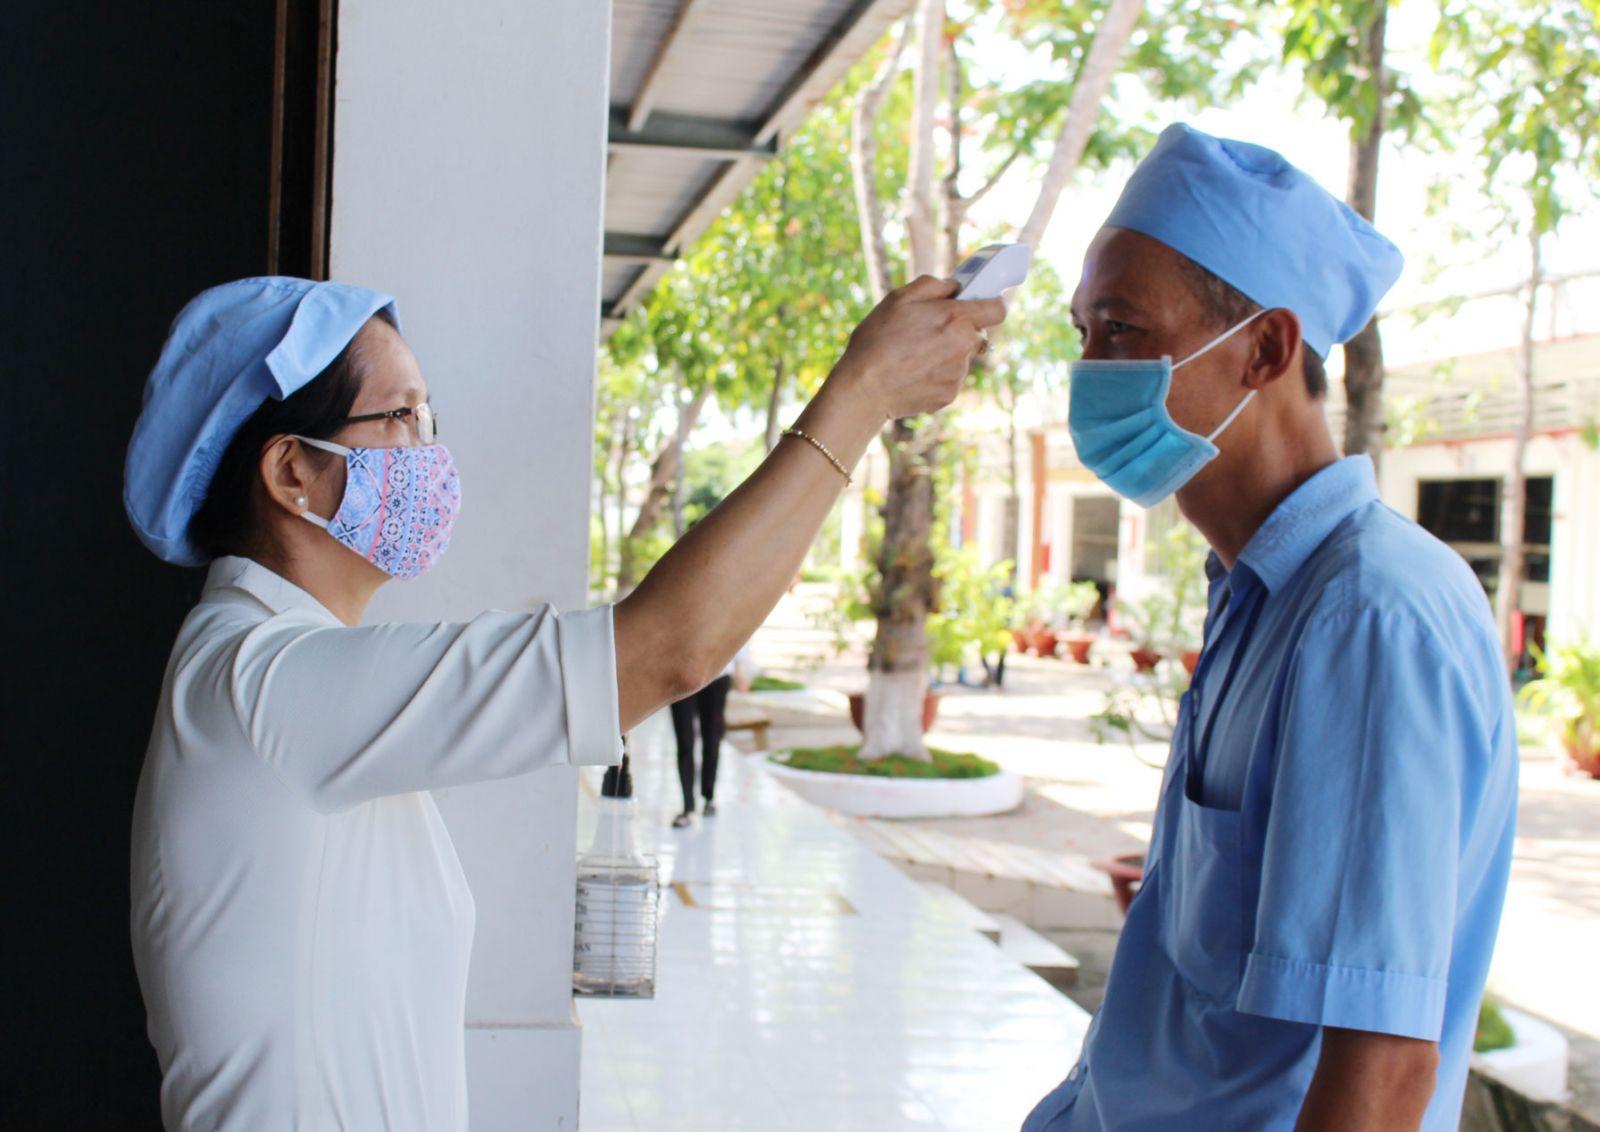 Nguy cơ dịch bệnh Covid-19 vẫn luôn thường trực, vì vậy cần thực hiện nghiêm các biện pháp phòng, chống dịch